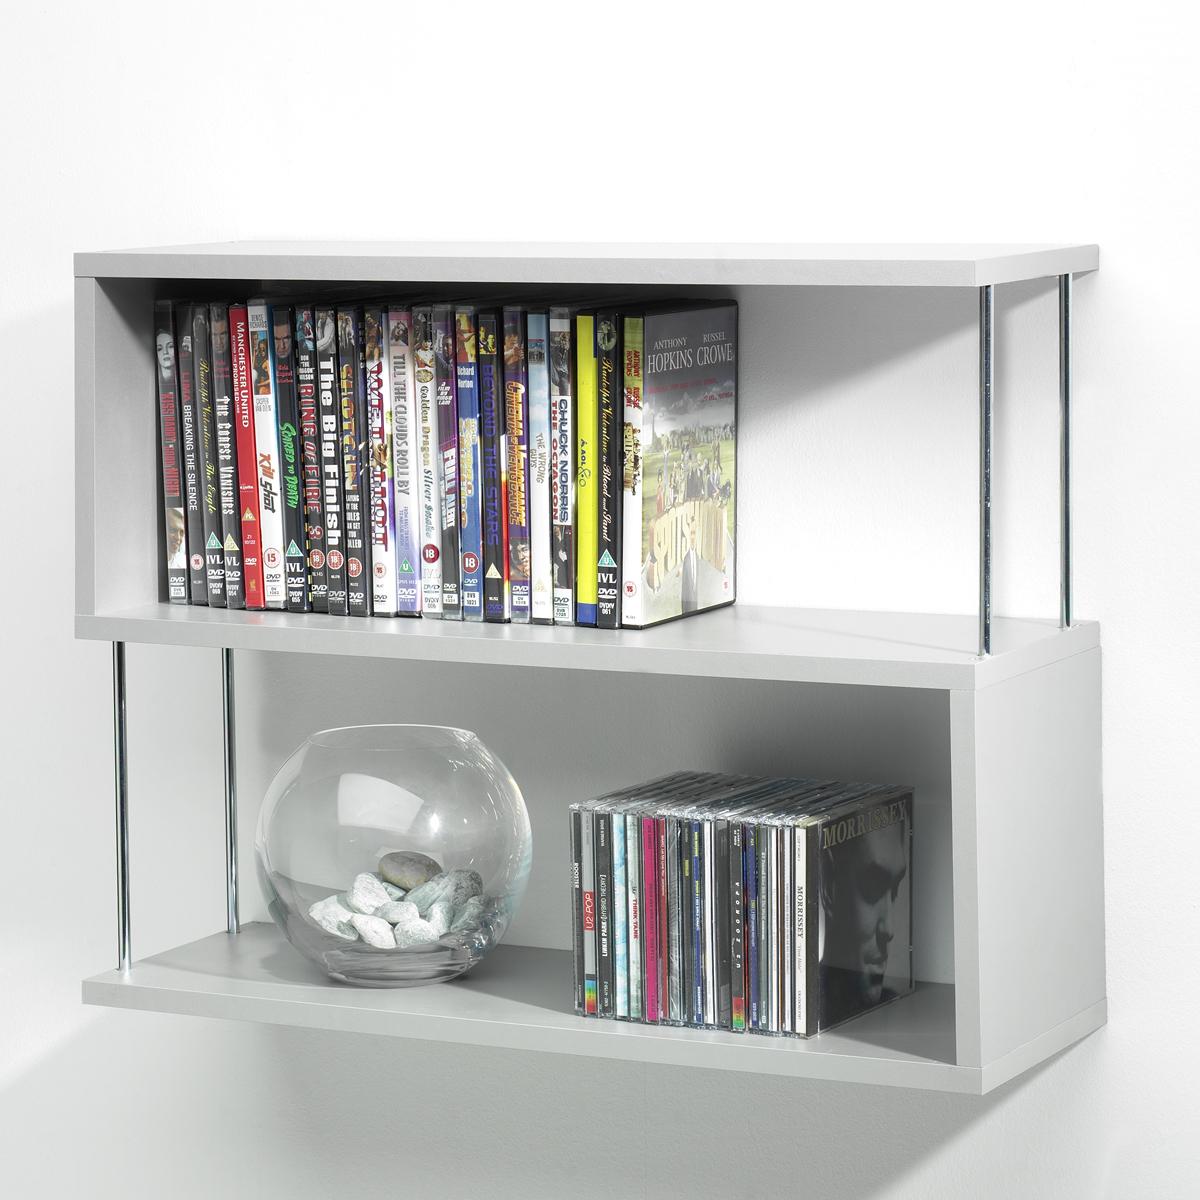 New silver wood chrome 3 panel bookshelf shelves wall for Hanging bookshelves